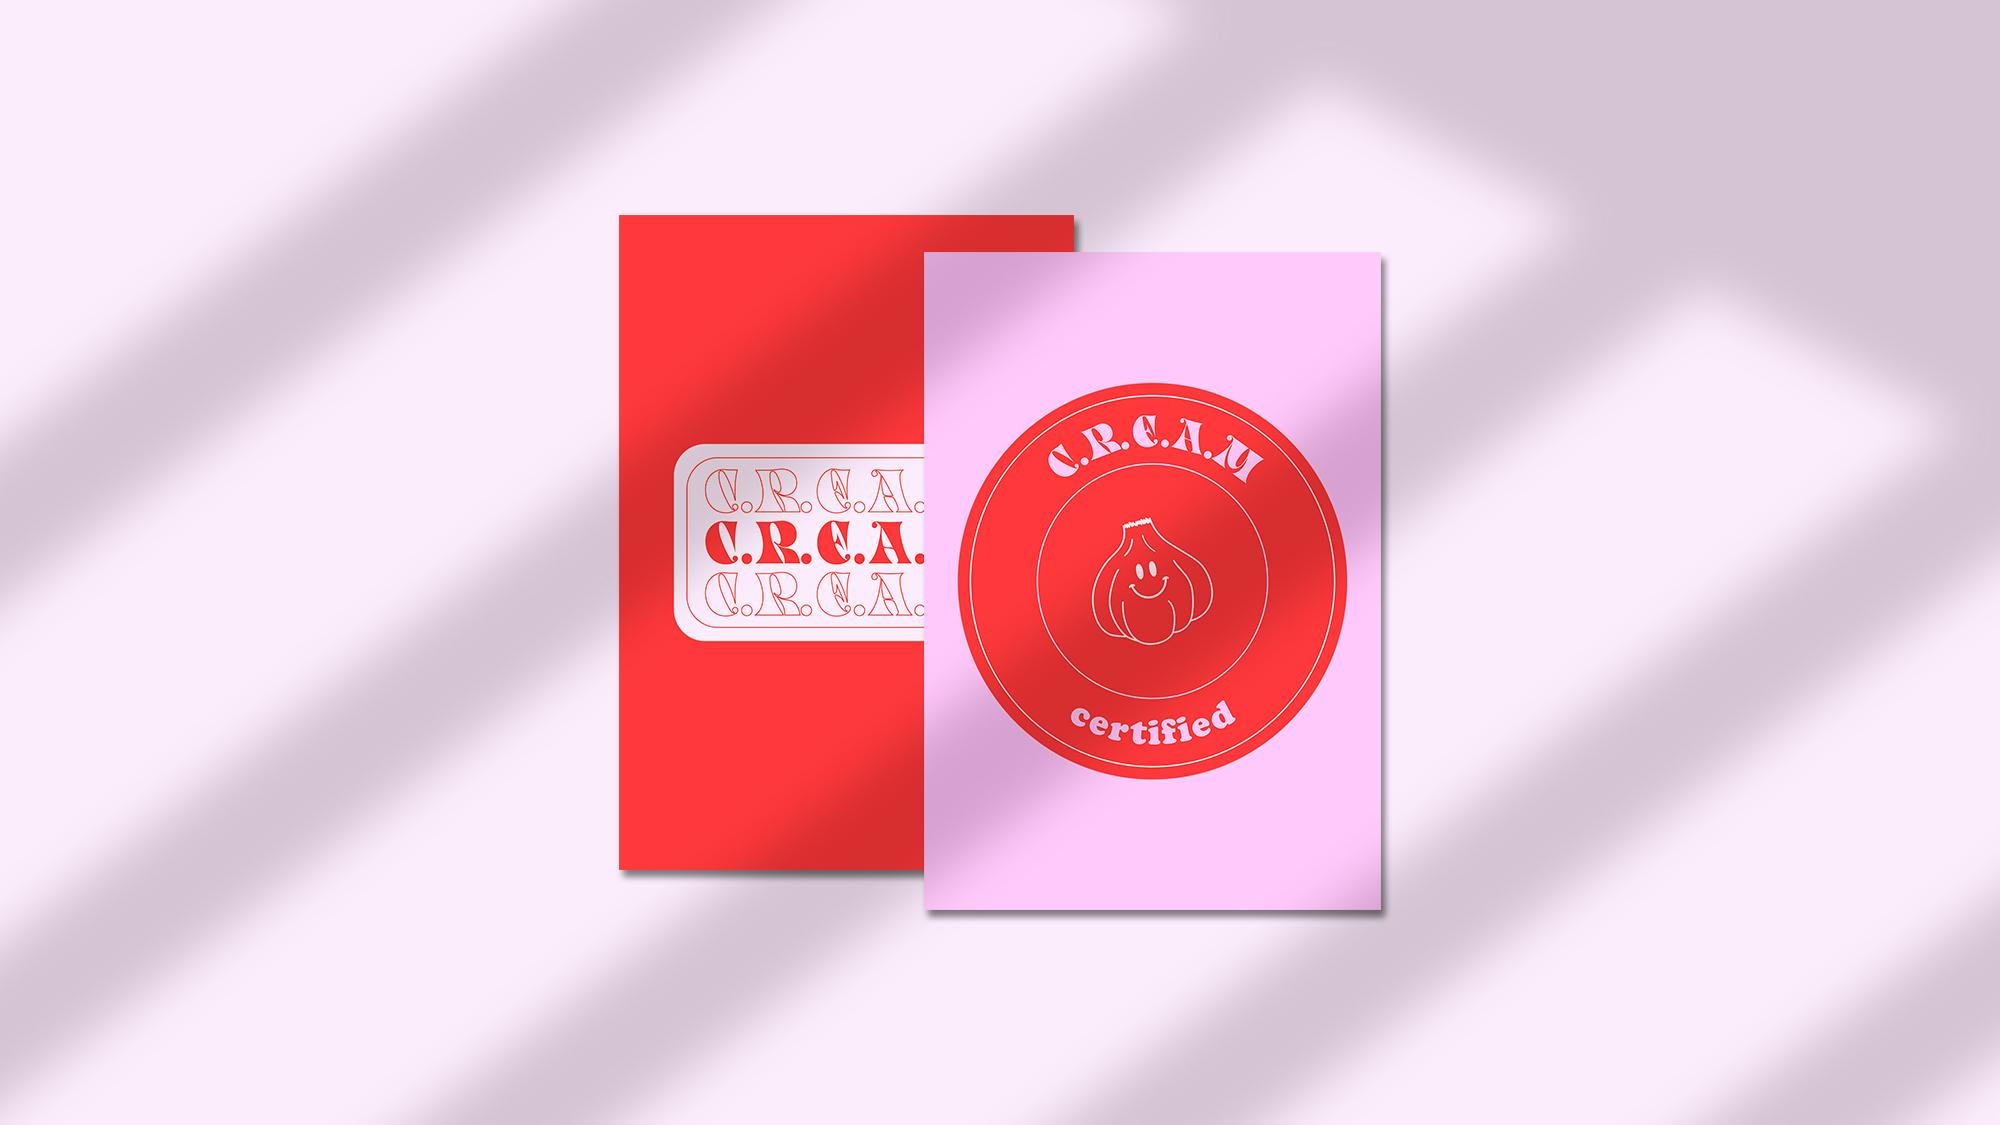 Stickers de l'identité visuelle de l'Instagram de recettes C.R.E.A.M